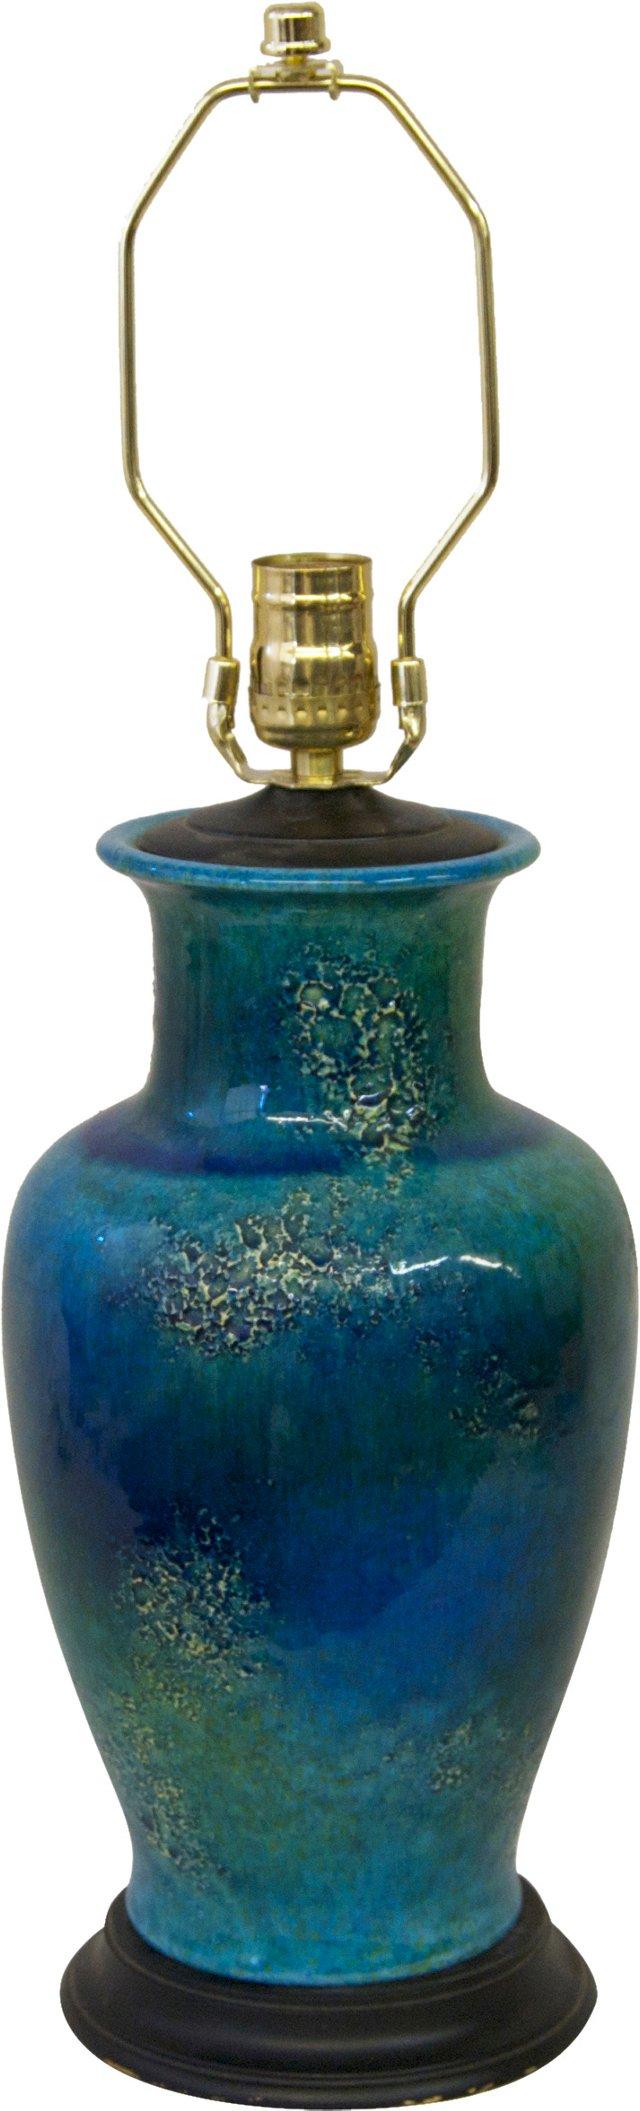 Volcanic-Glazed Blue-Green Lamp